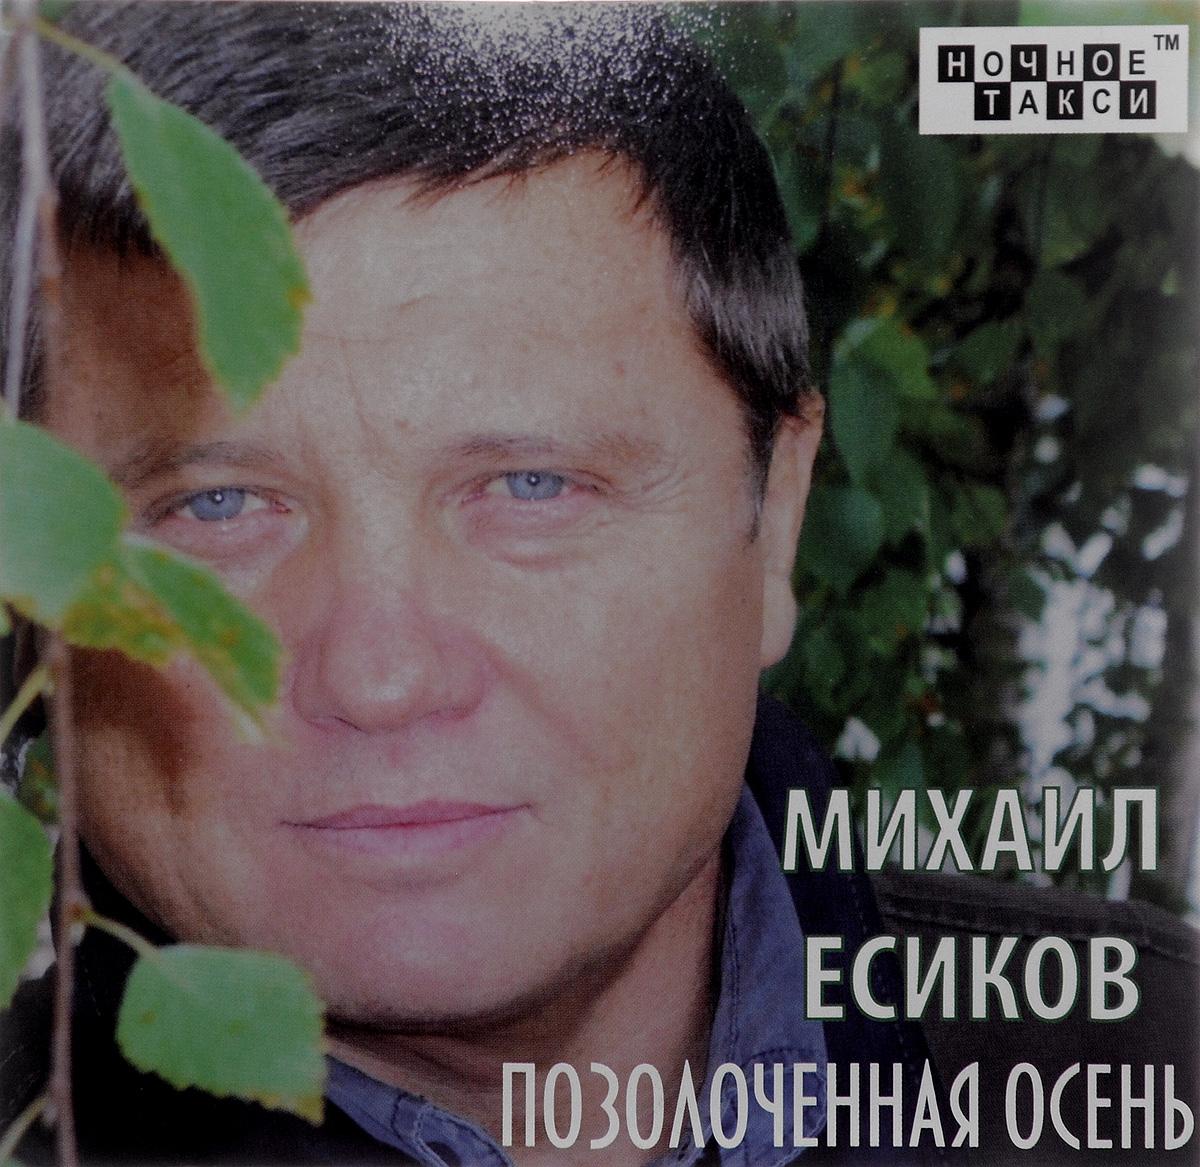 Михаил Есиков Михаил Есиков. Позолоченная осень михаил нестеров